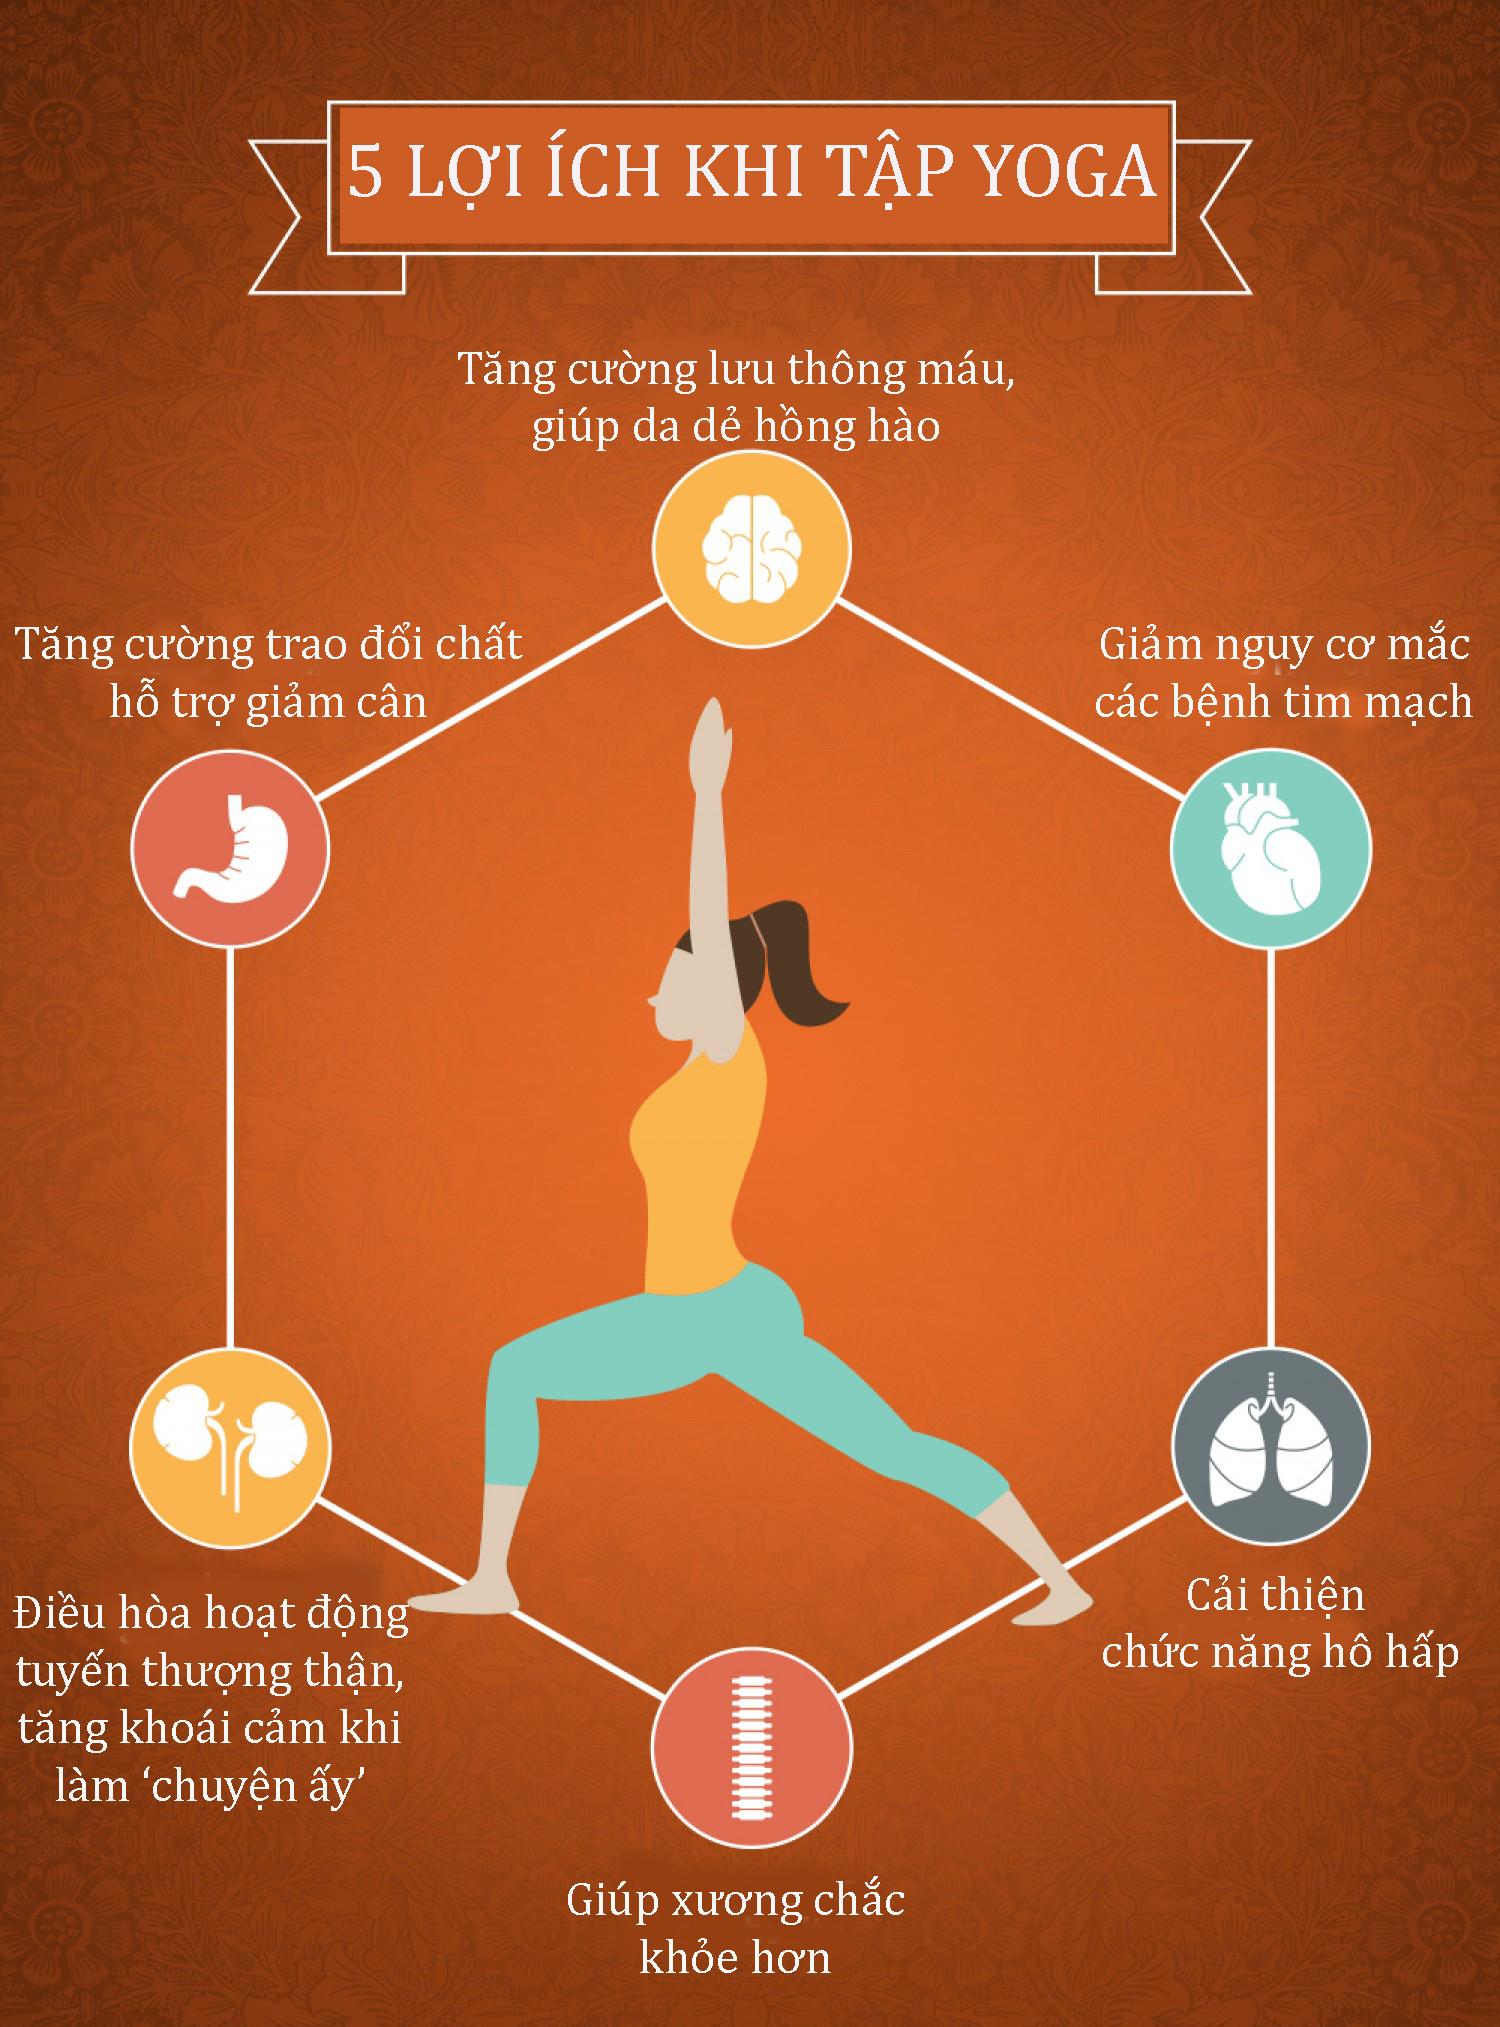 5 lợi ích tuyệt vời cho cơ thể khi tập yoga hàng ngày